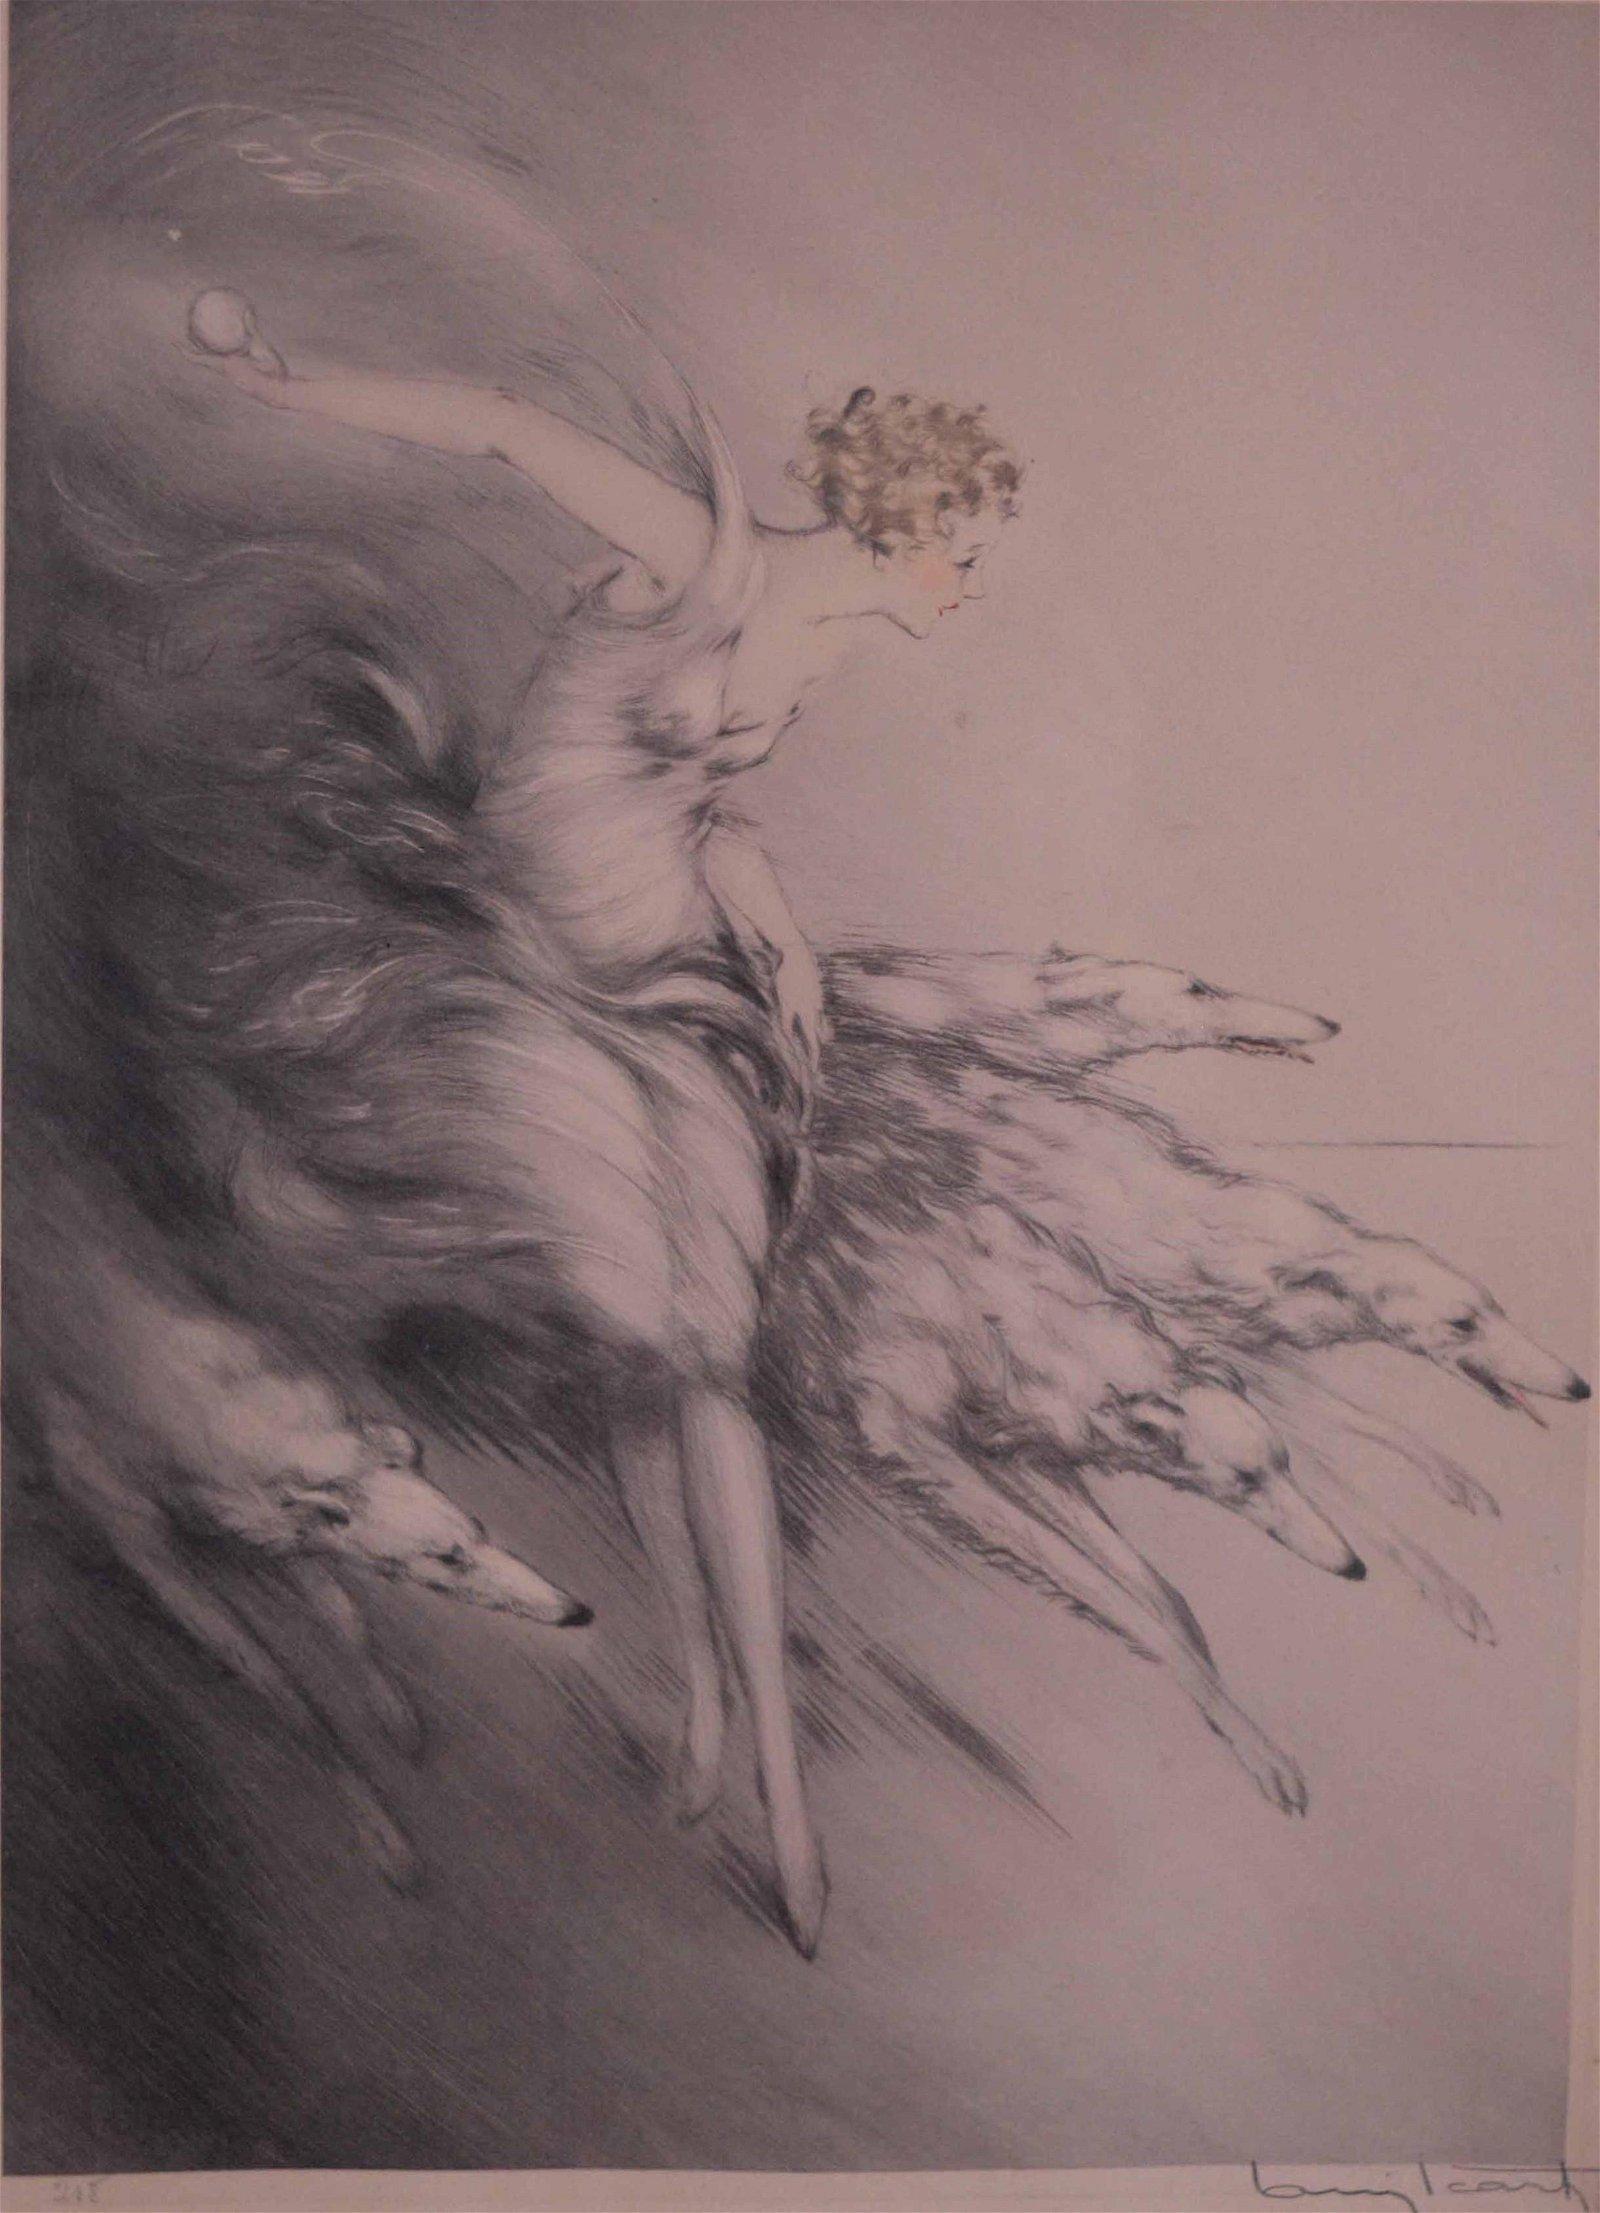 Icart, Louis Justin Laurent - Zest - 1928